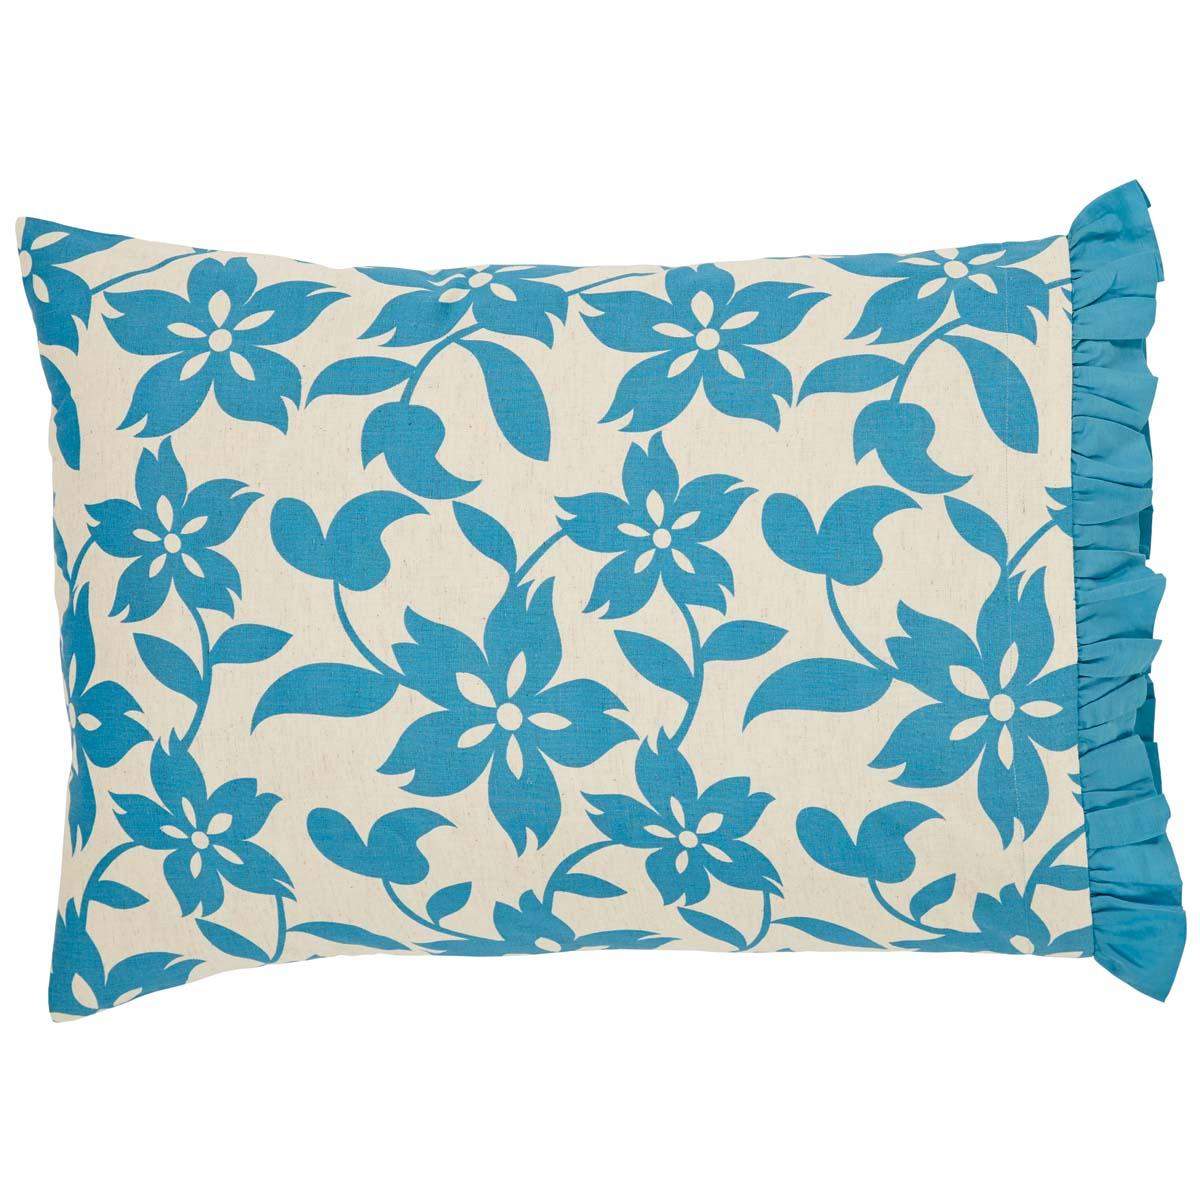 Briar Azure Standard Pillow Case Set of 2 21x30